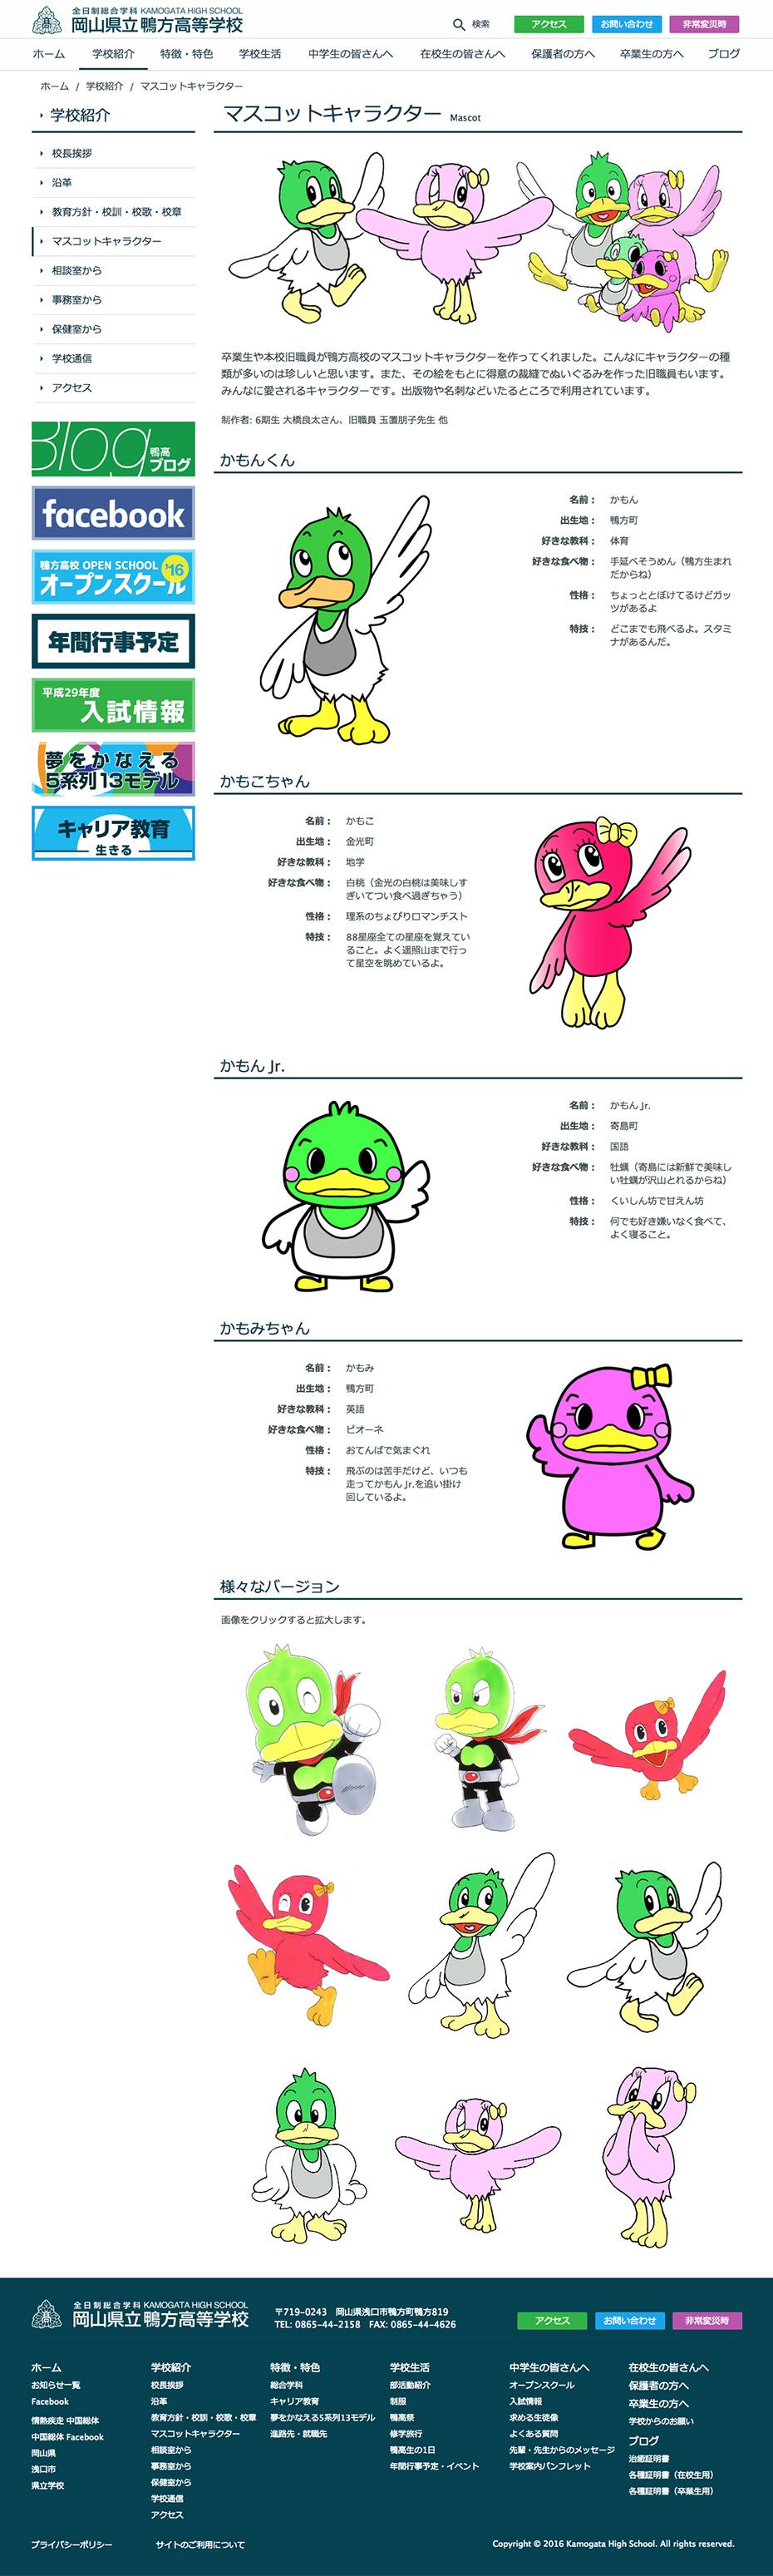 岡山県立鴨方高等学校様 ホームページ マスコットキャラクター